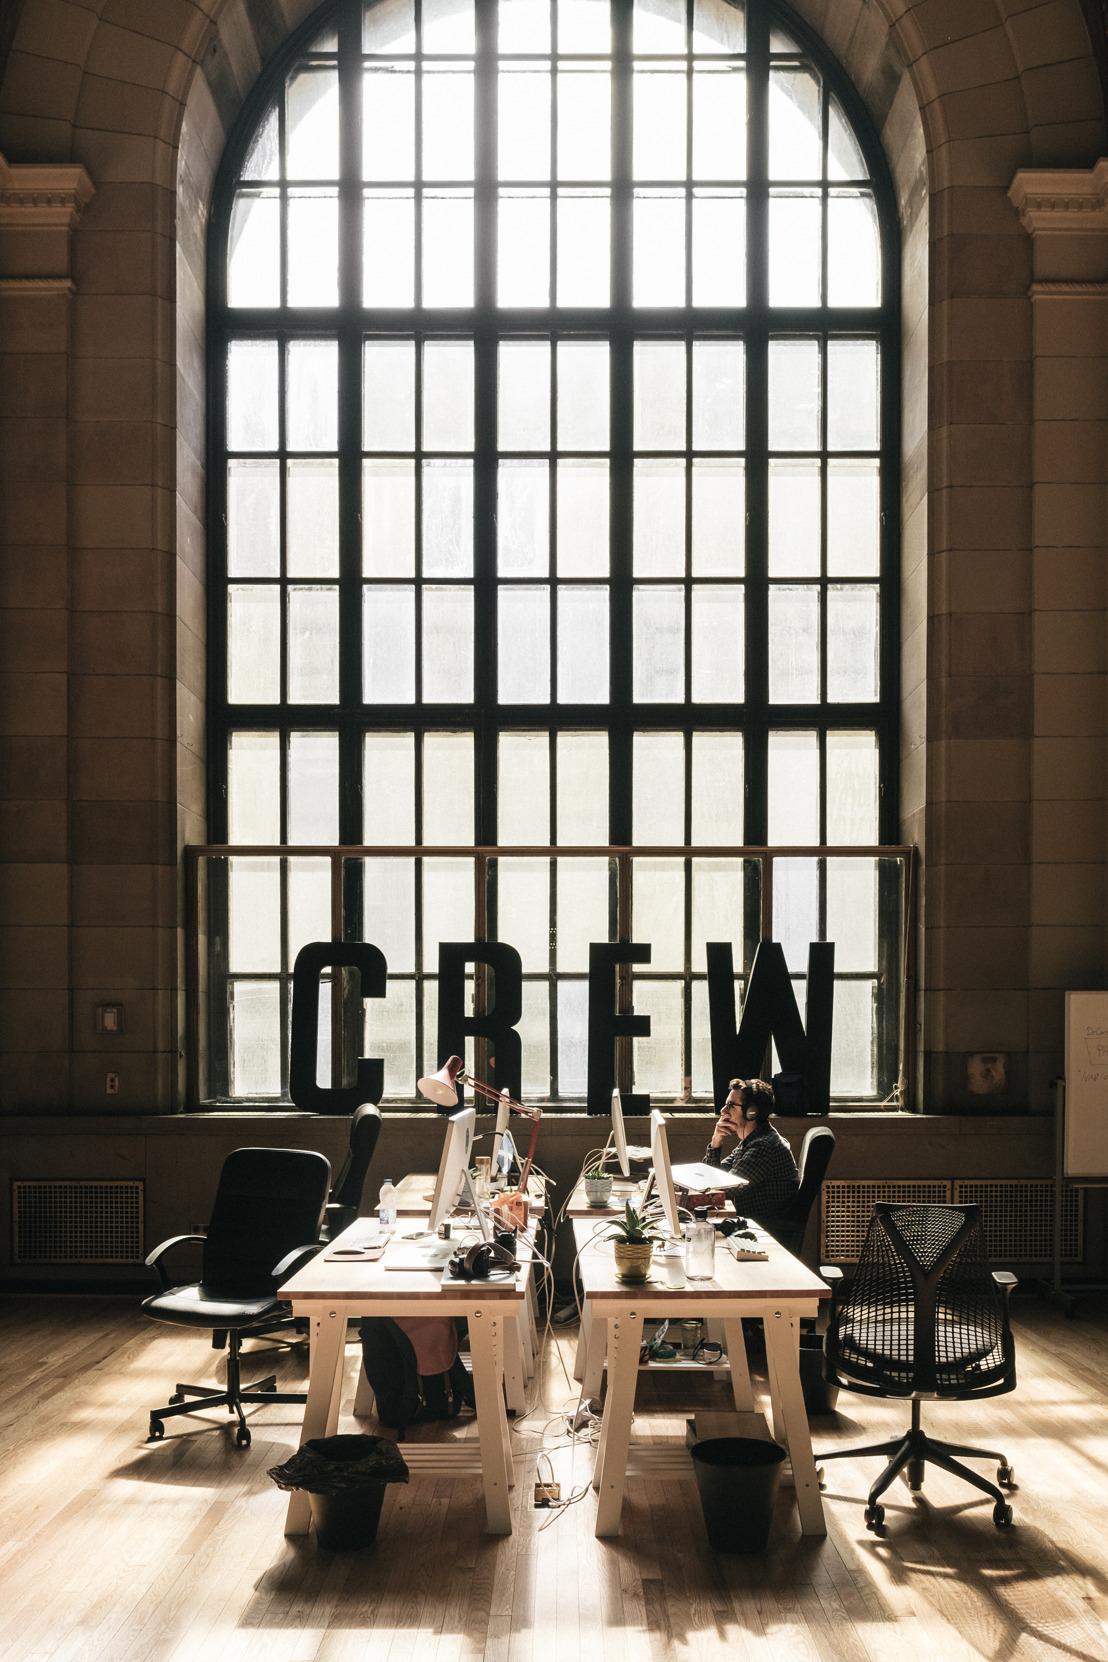 Boom del coworking: los espacios colaborativos no son sólo para emprendedores y startups